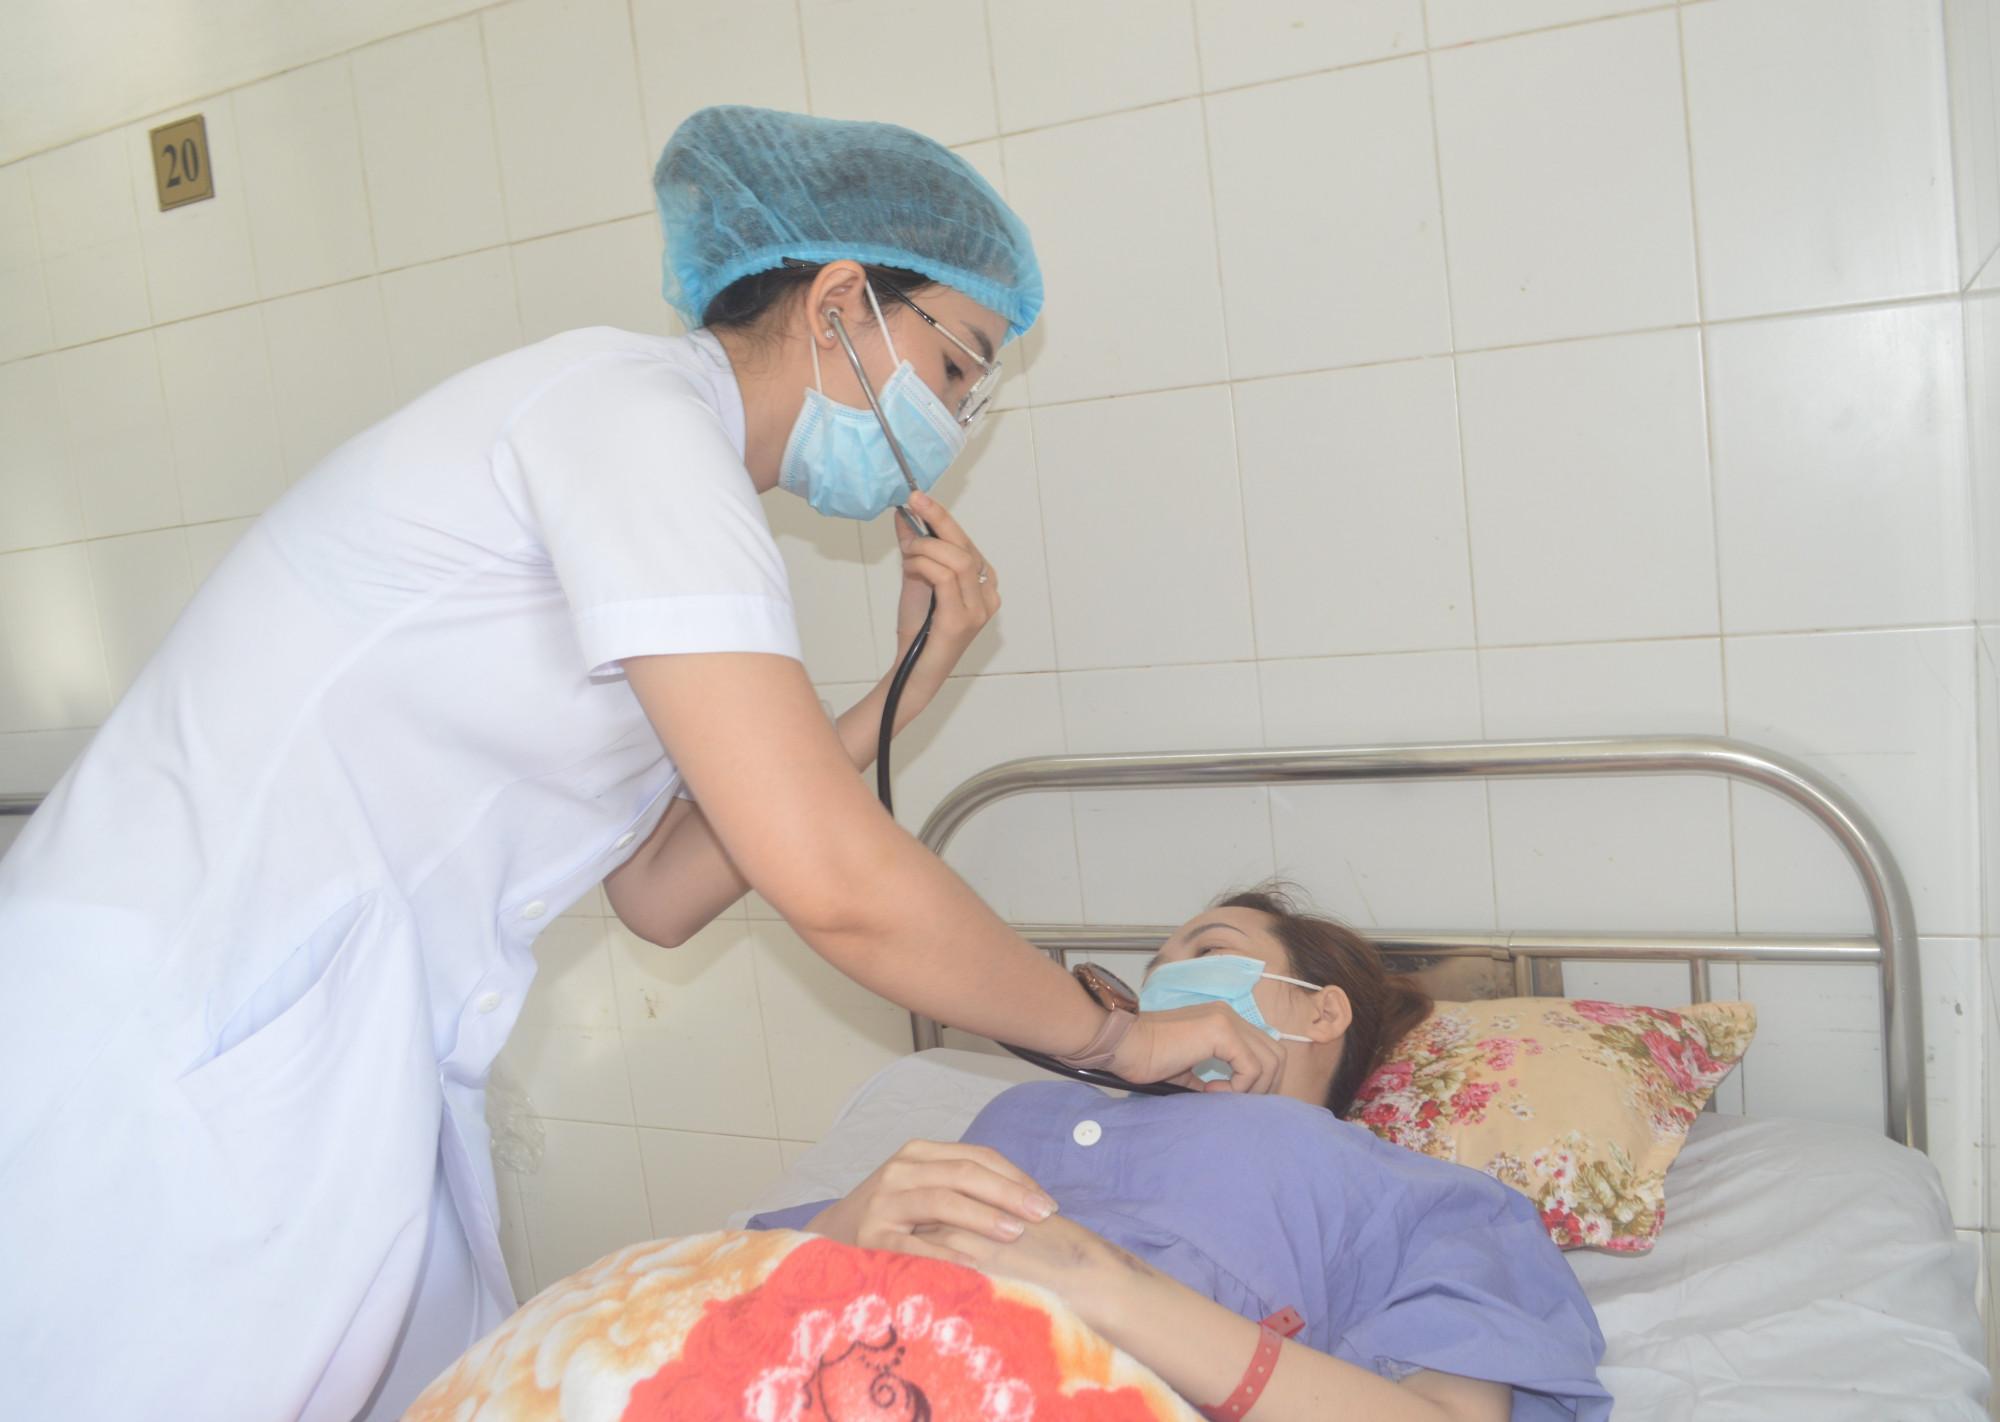 Sức khỏe đã ổn định, sản phụ B. mang thai ngoài tử cung dạng hiếm gặp chuẩn bị xuất viện